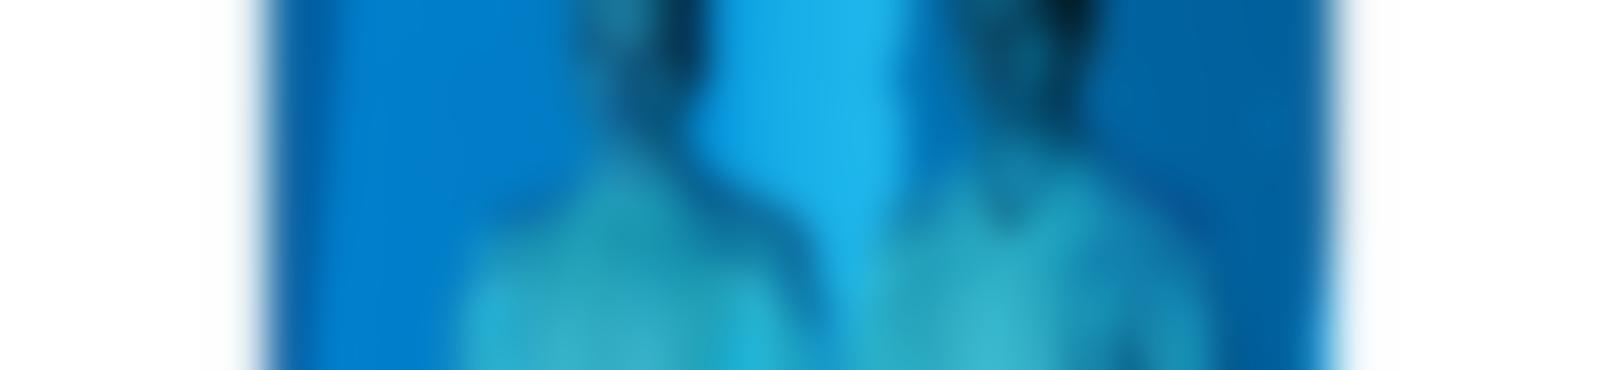 Blurred f37a438a df92 4344 8dcc 6b0f3782eb05